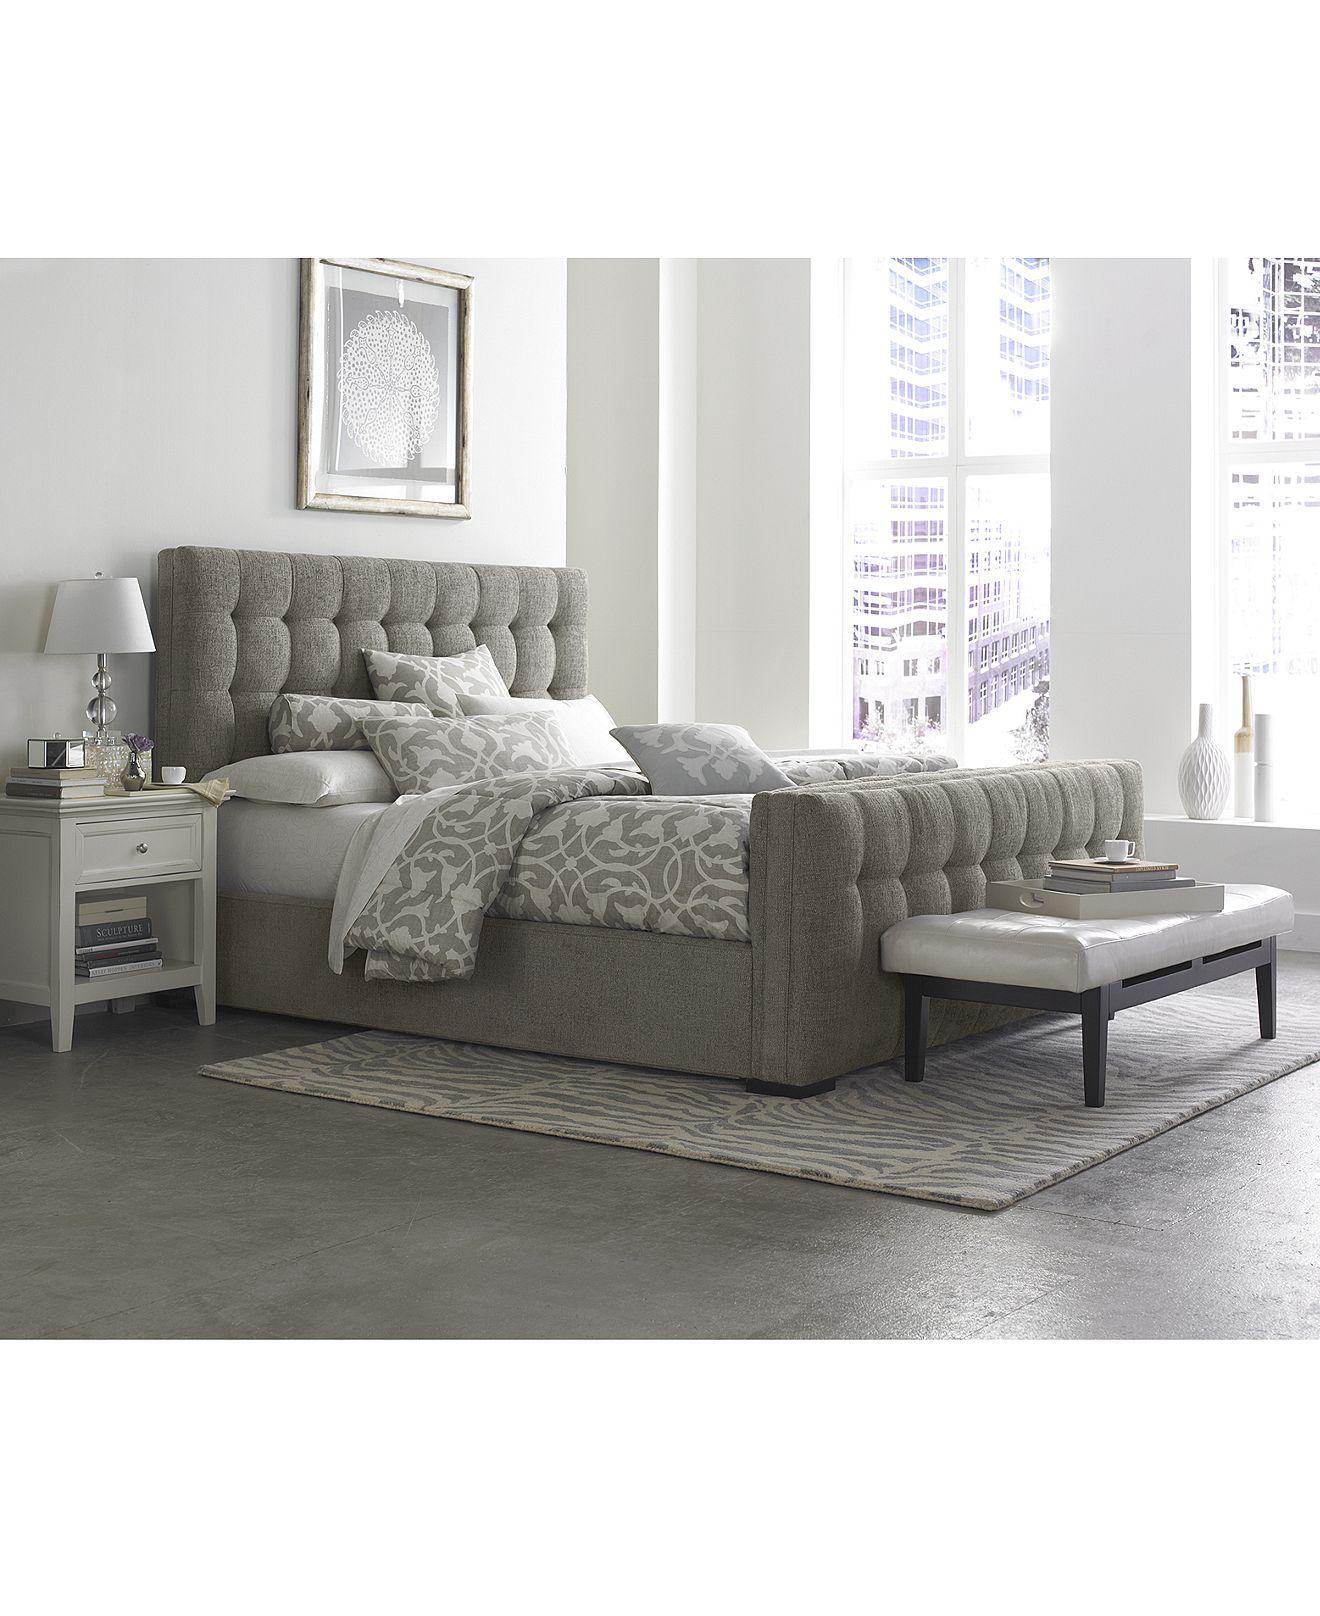 Roslyn Bedroom Furniture Set